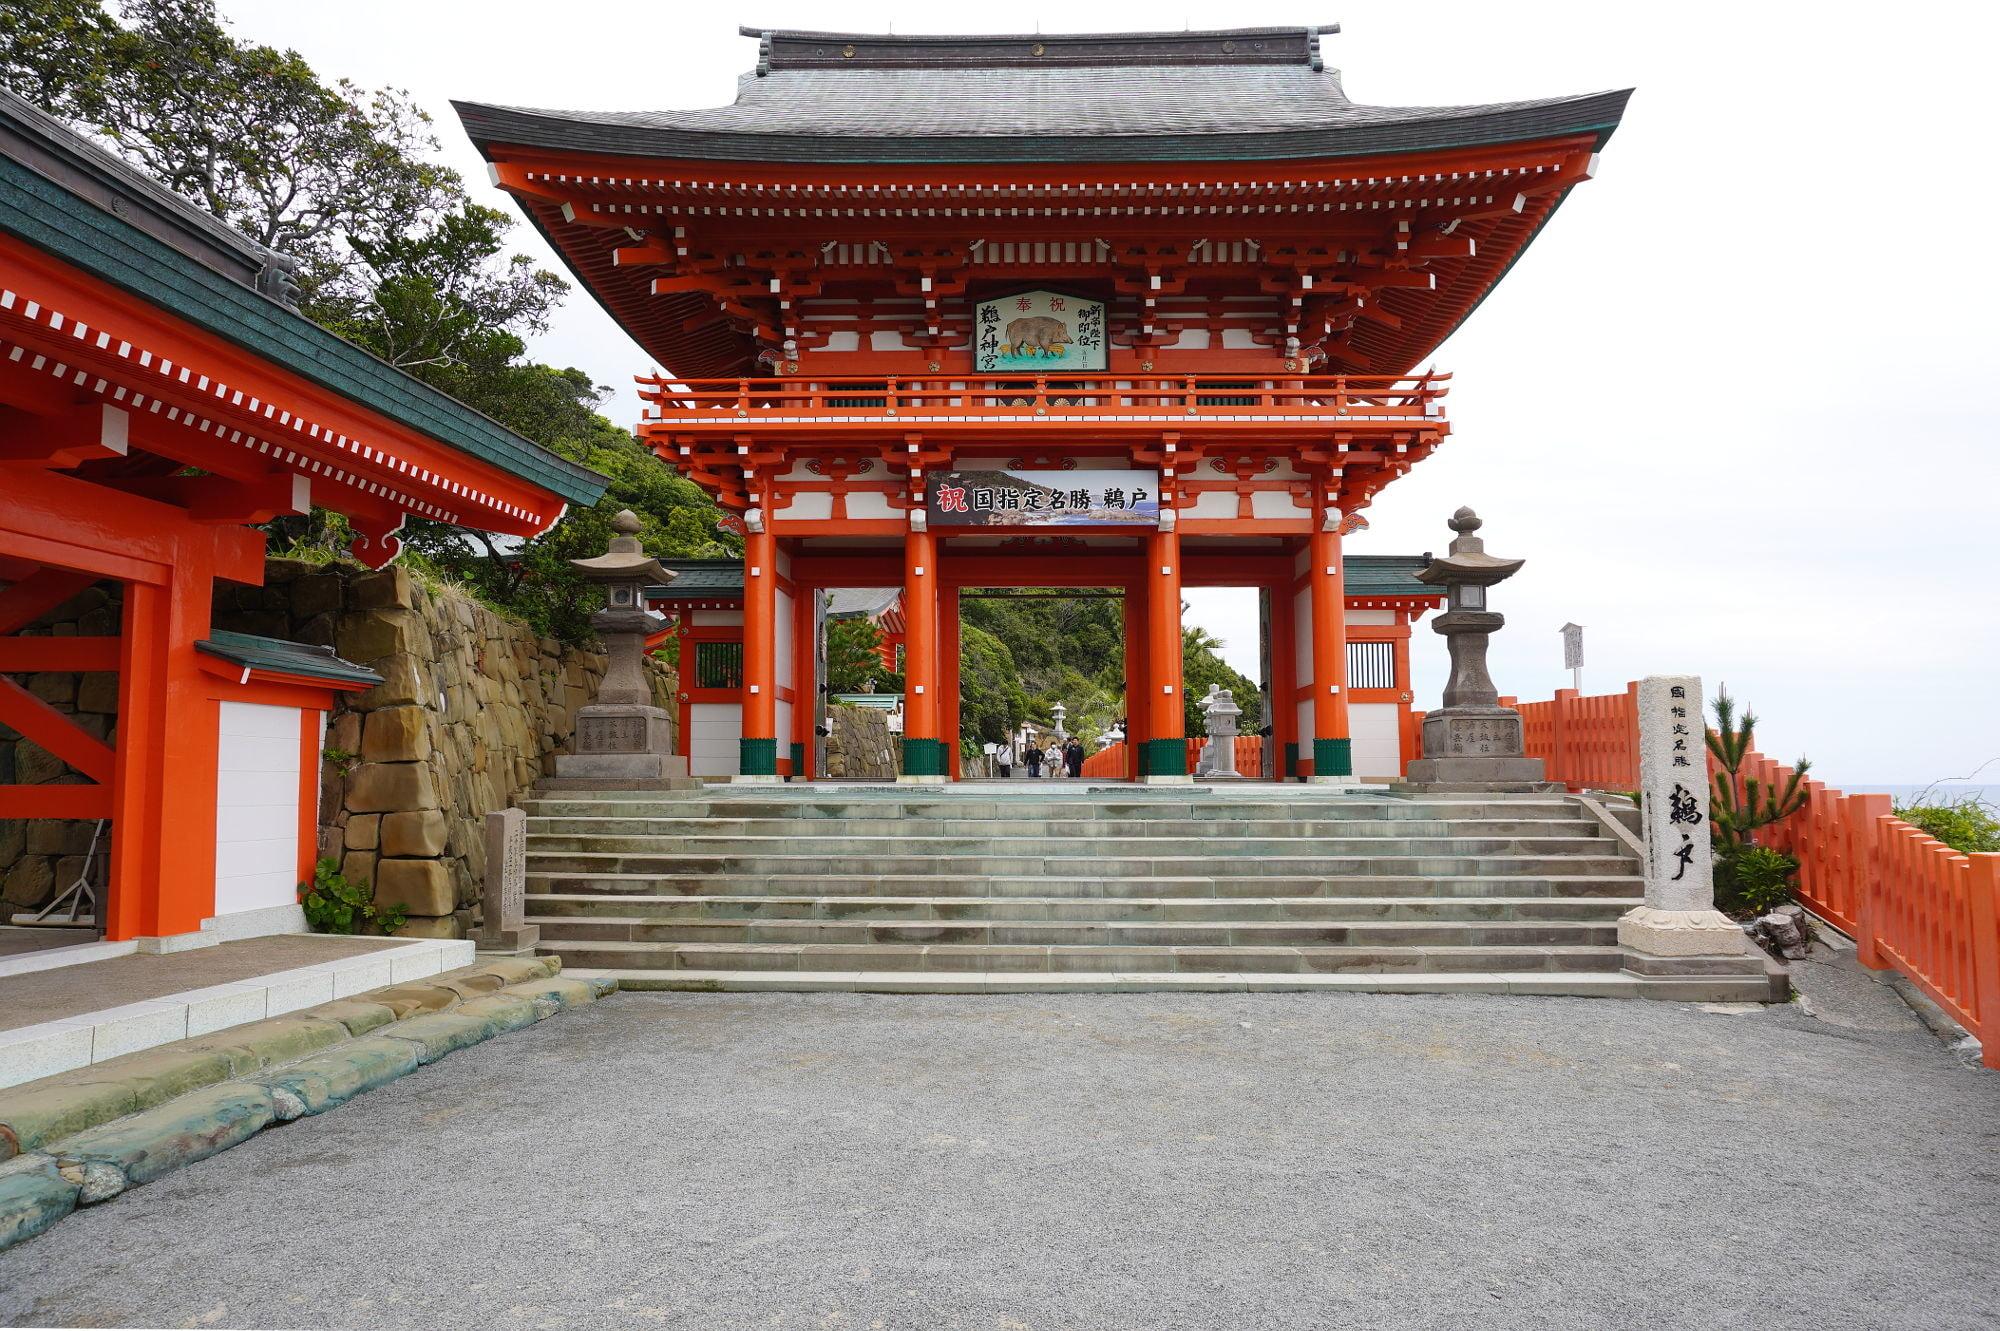 鵜戸神宮の楼門